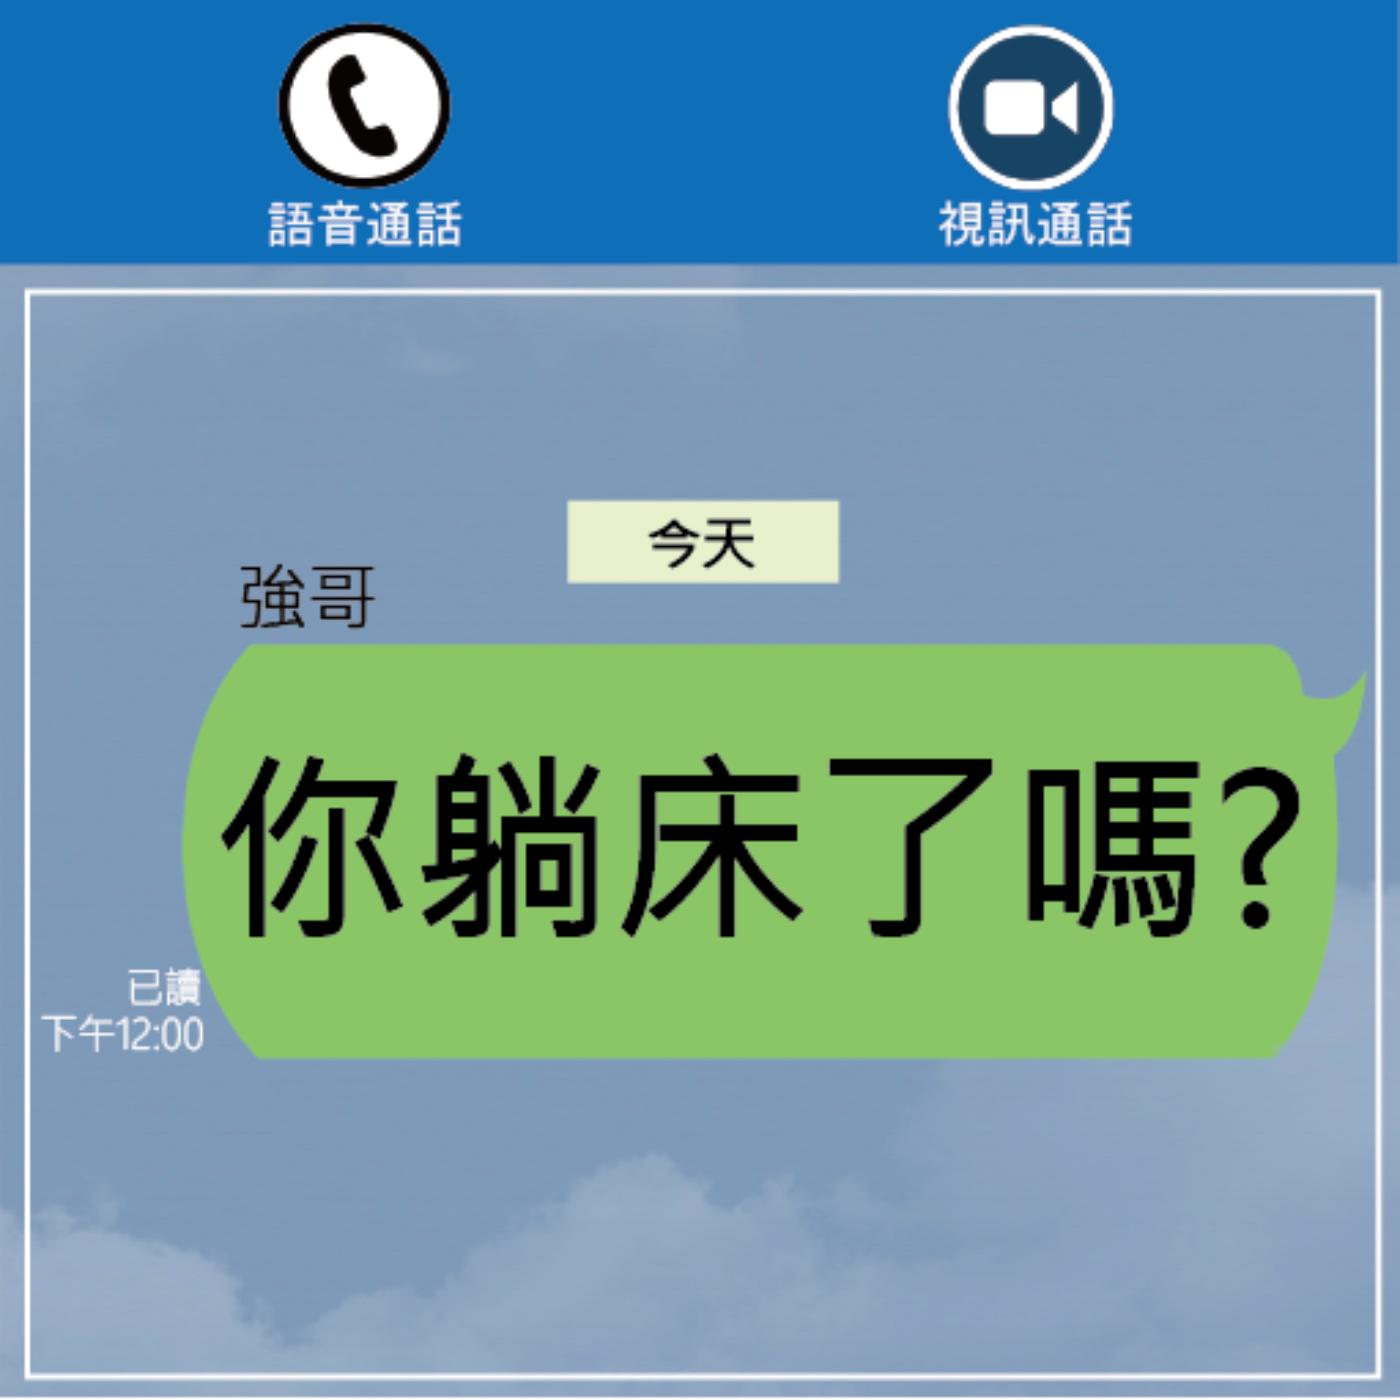 【職業訪談】 EP8:社會新鮮人不出包枉少年,離職才敢說的故事  ft. 三平